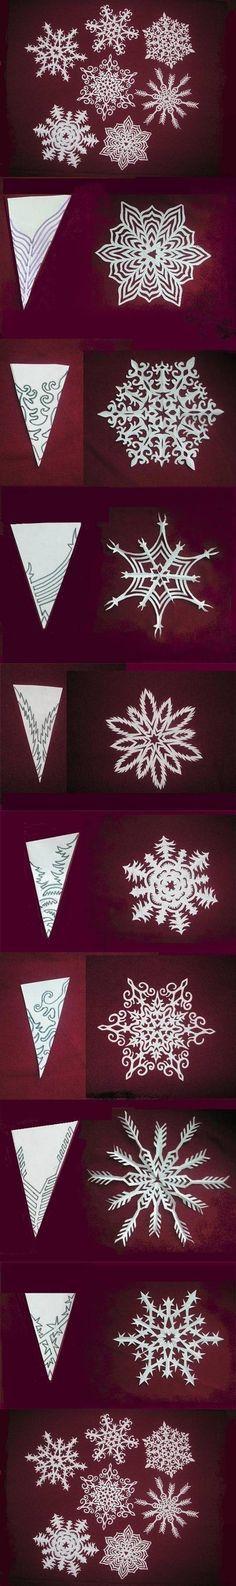 DIY Snowflakes Paper Pattern Tutorial via usefuldiy.com                                                                                                                                                     More